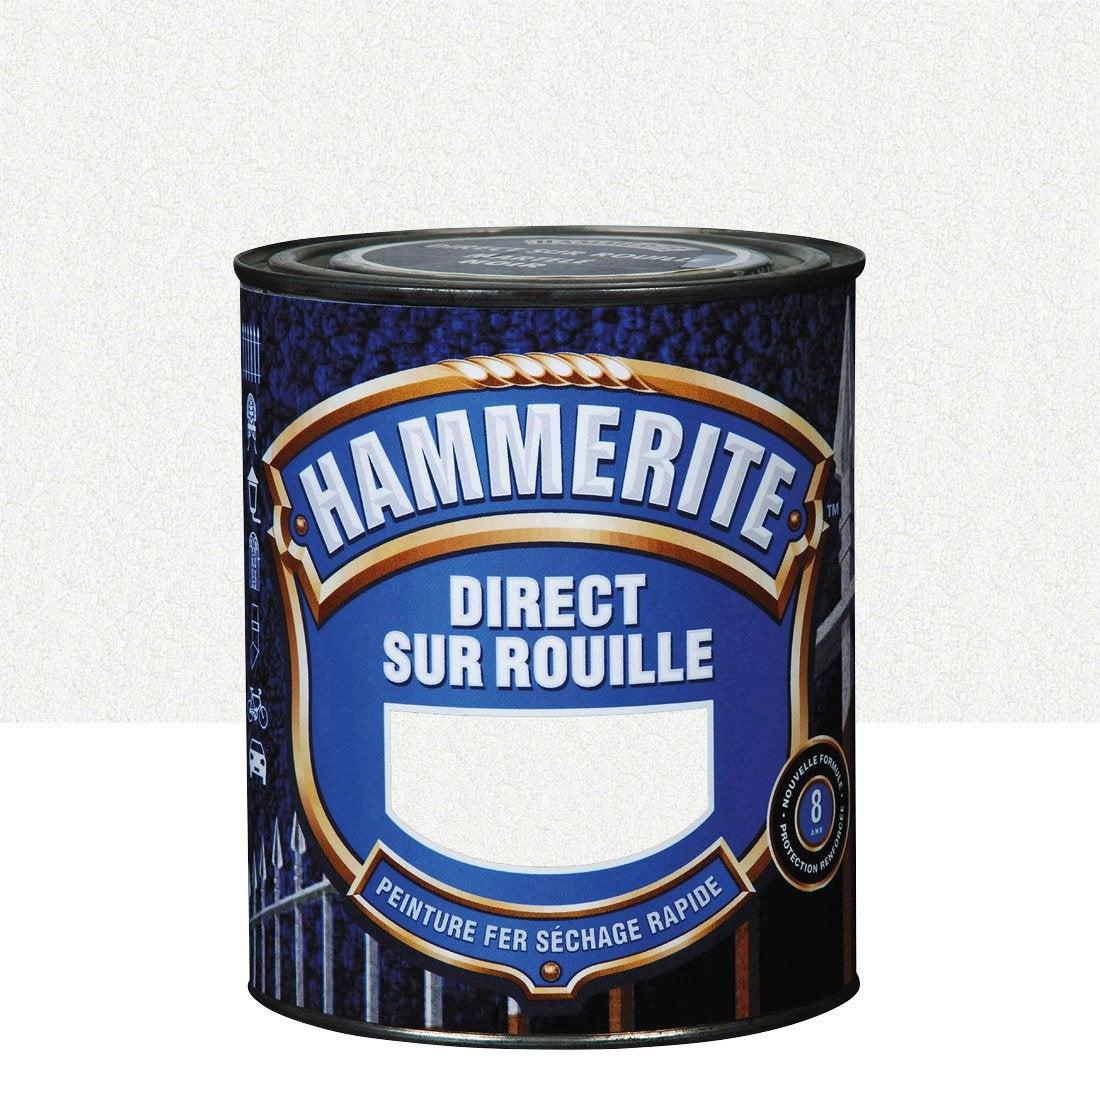 Peinture fer ext rieur hammerite blanc 2 5 l leroy merlin - Leroy merlin peinture fer ...